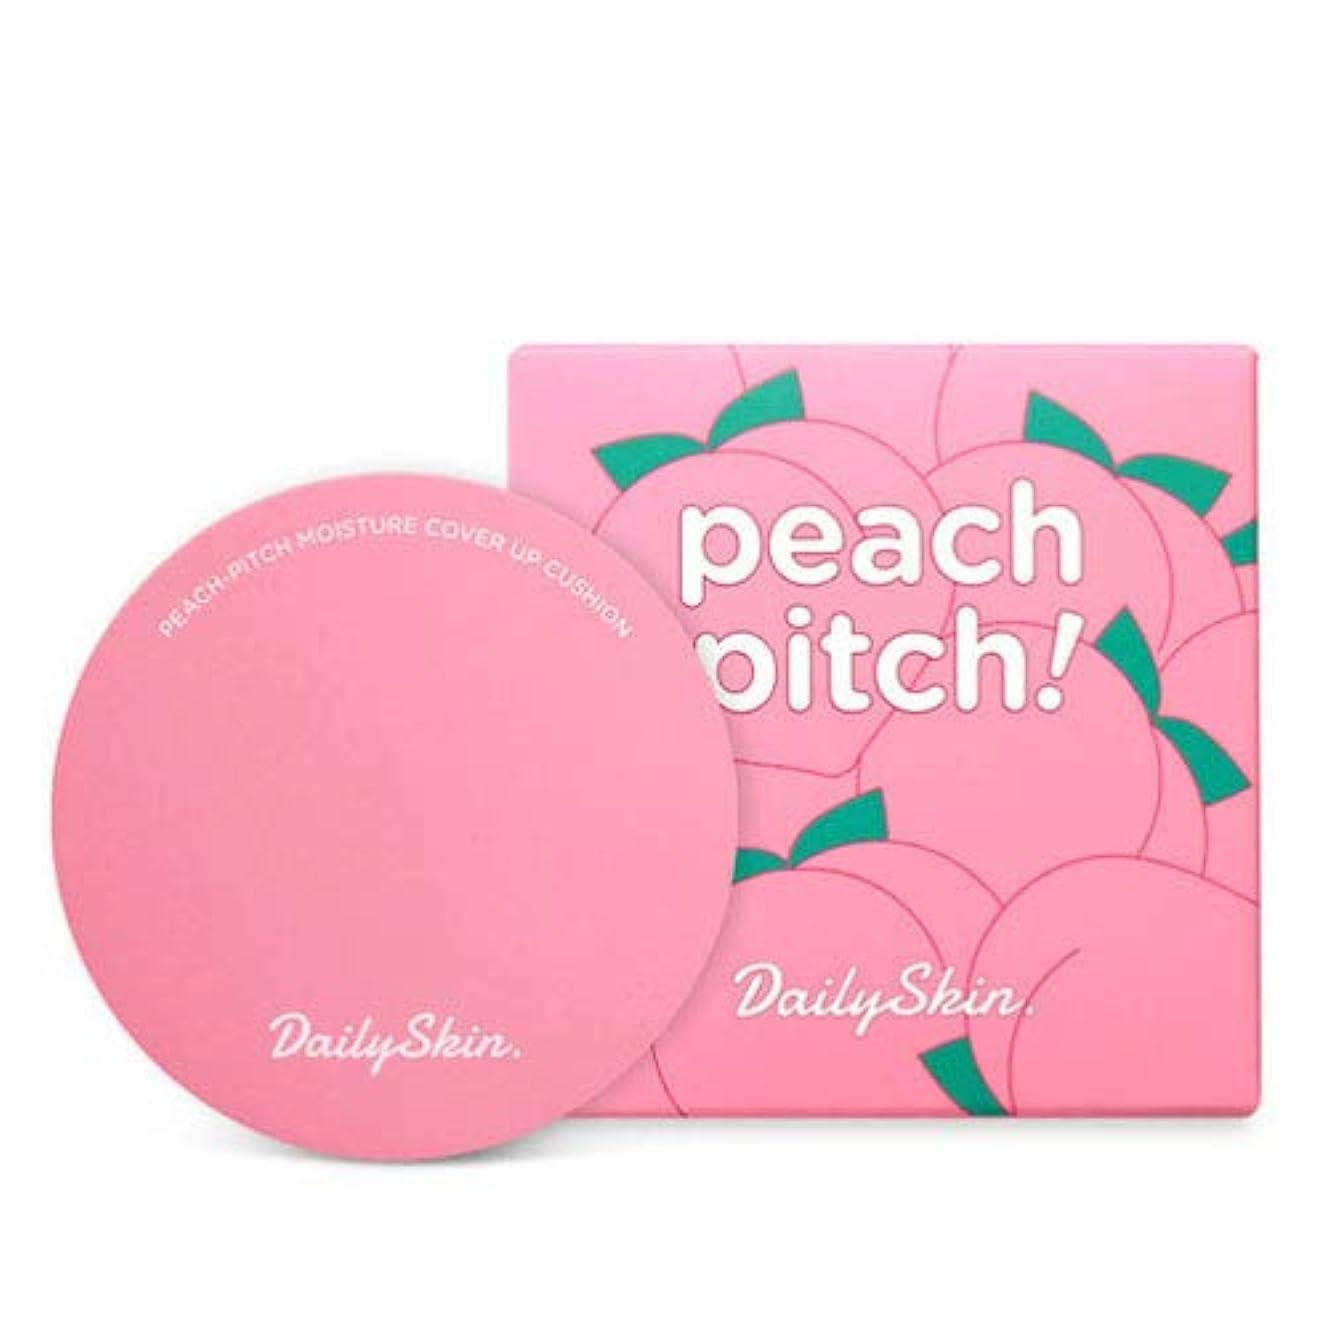 会う下手探偵[RENEWAL] デイリースキン ピーチ モイスチャー カバー アップ クッション Daily Skin Peach-Pitch Moisture Cover Up Cushion (No.23 Peach Natural...